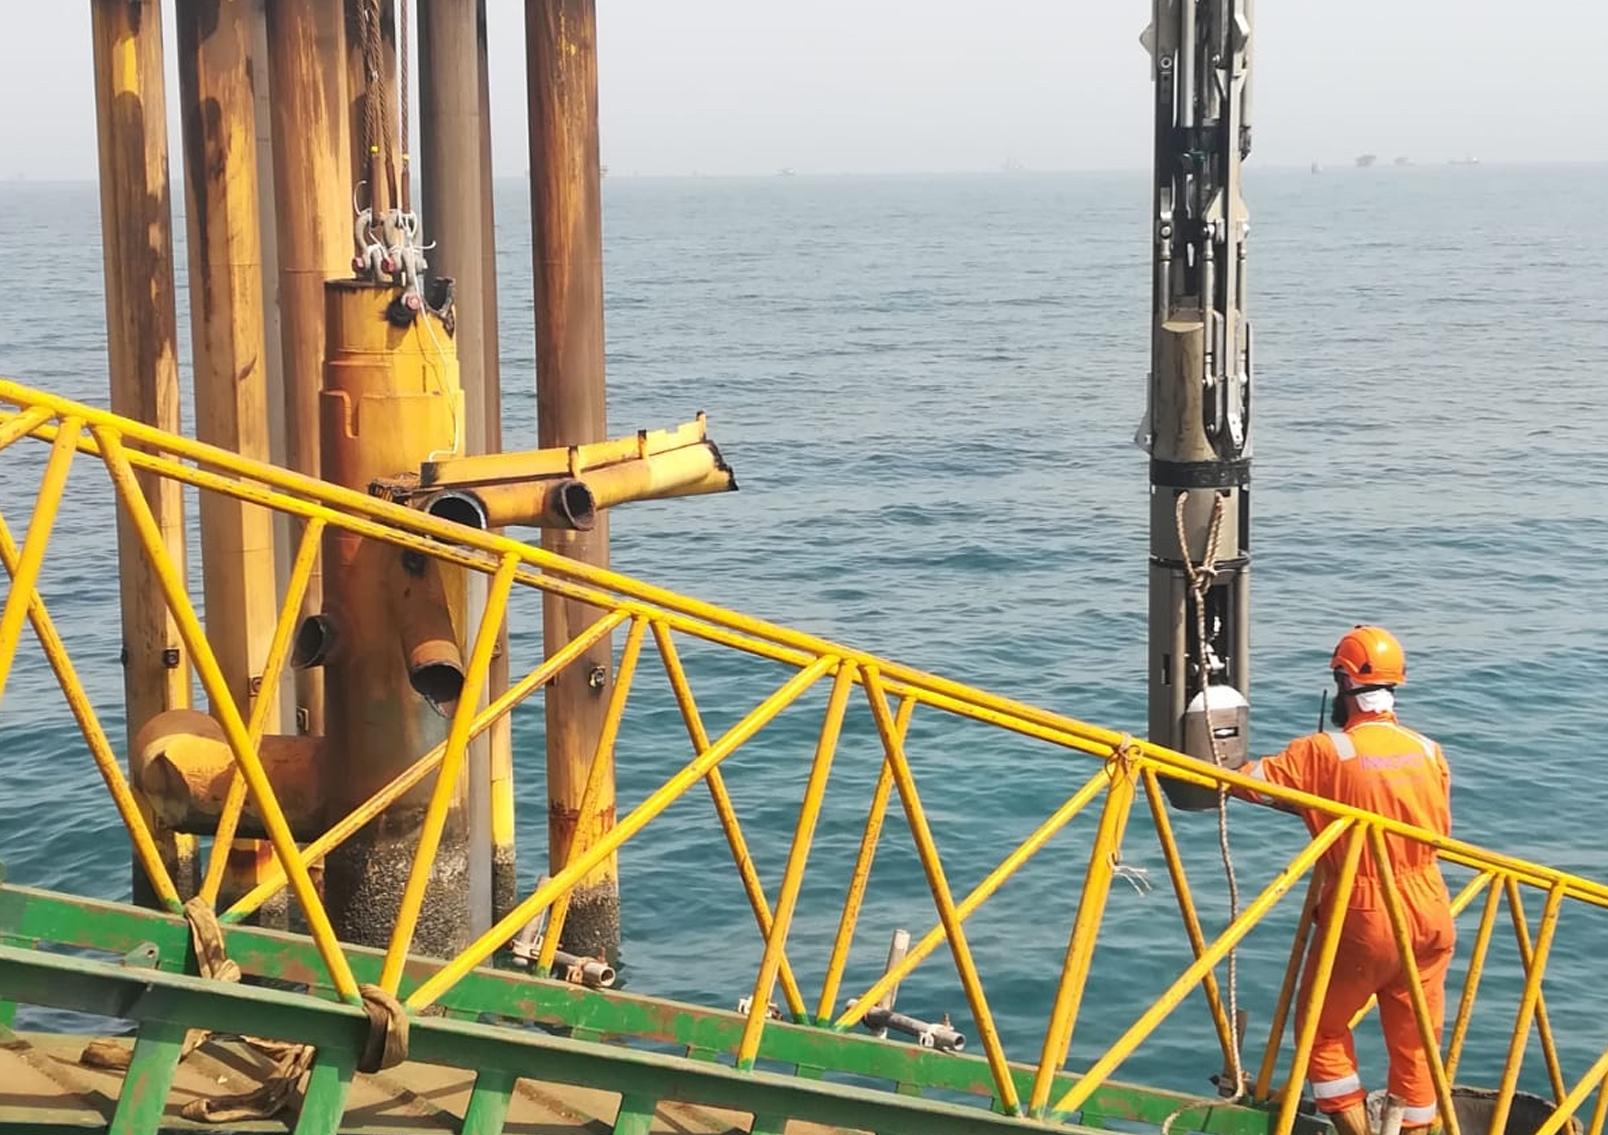 Innovo joins industry organisation, Decom North Sea